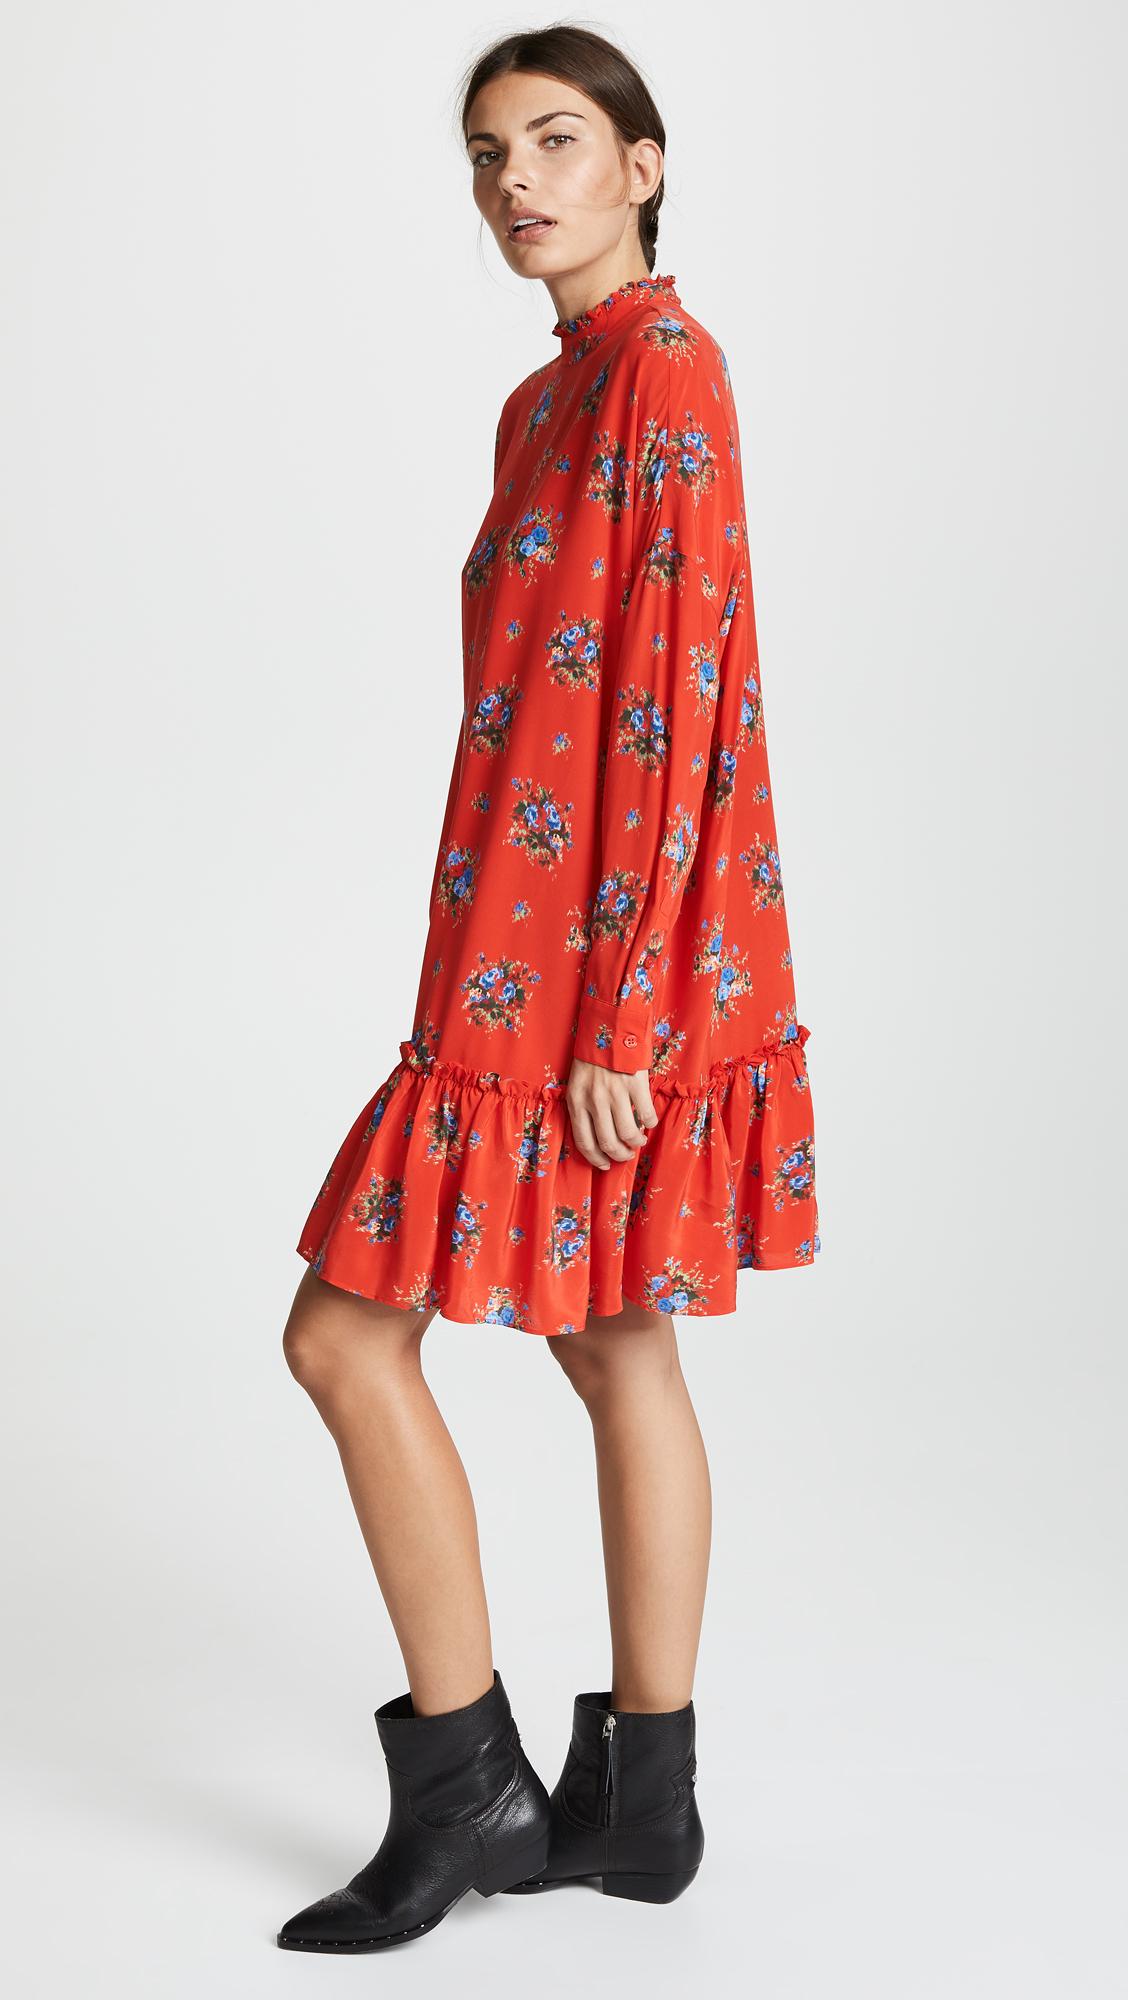 6accecf14a6 GANNI Kochhar Mini Dress